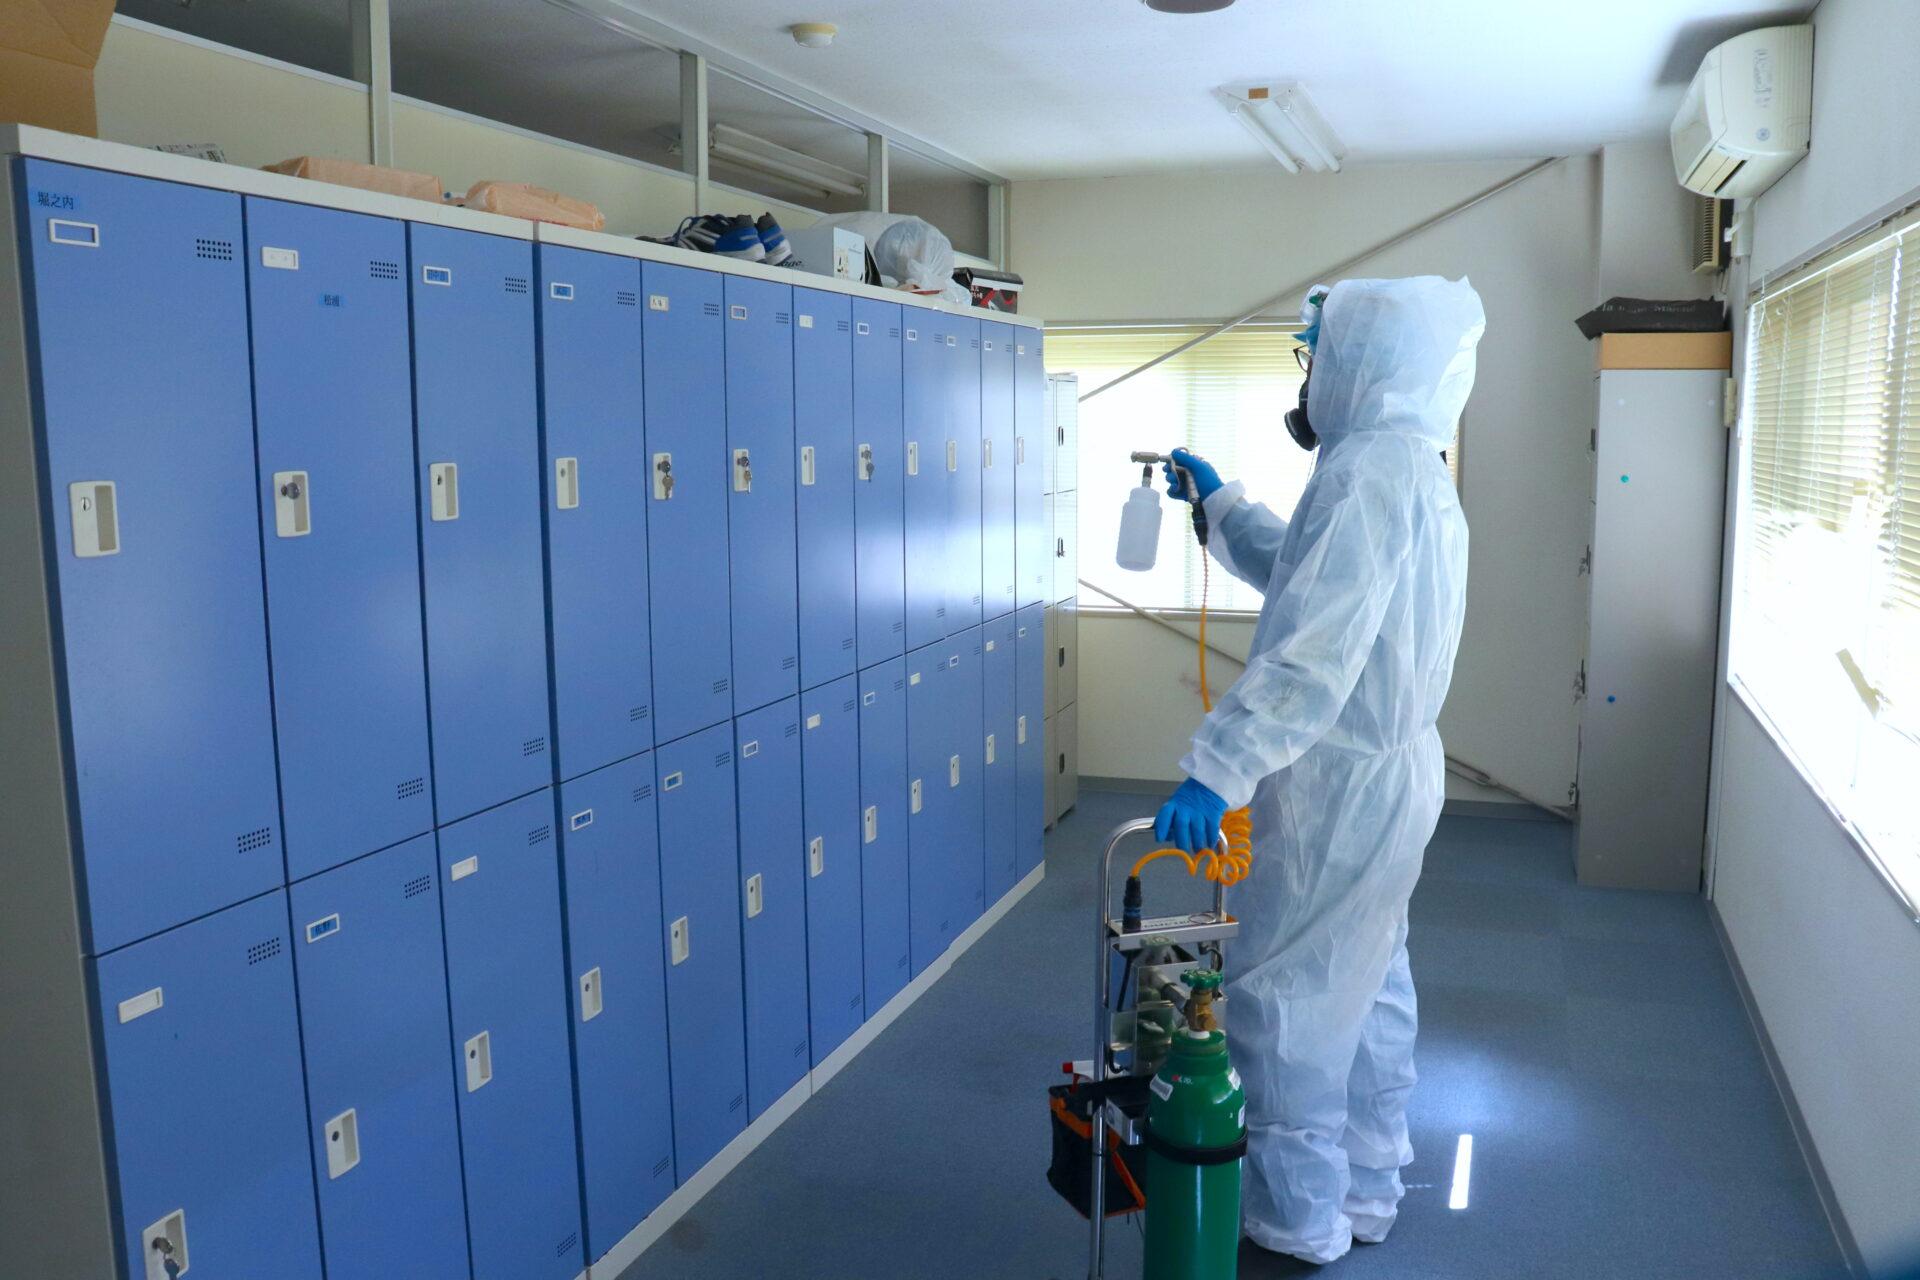 新型コロナウイルス感染症の消毒 イメージ